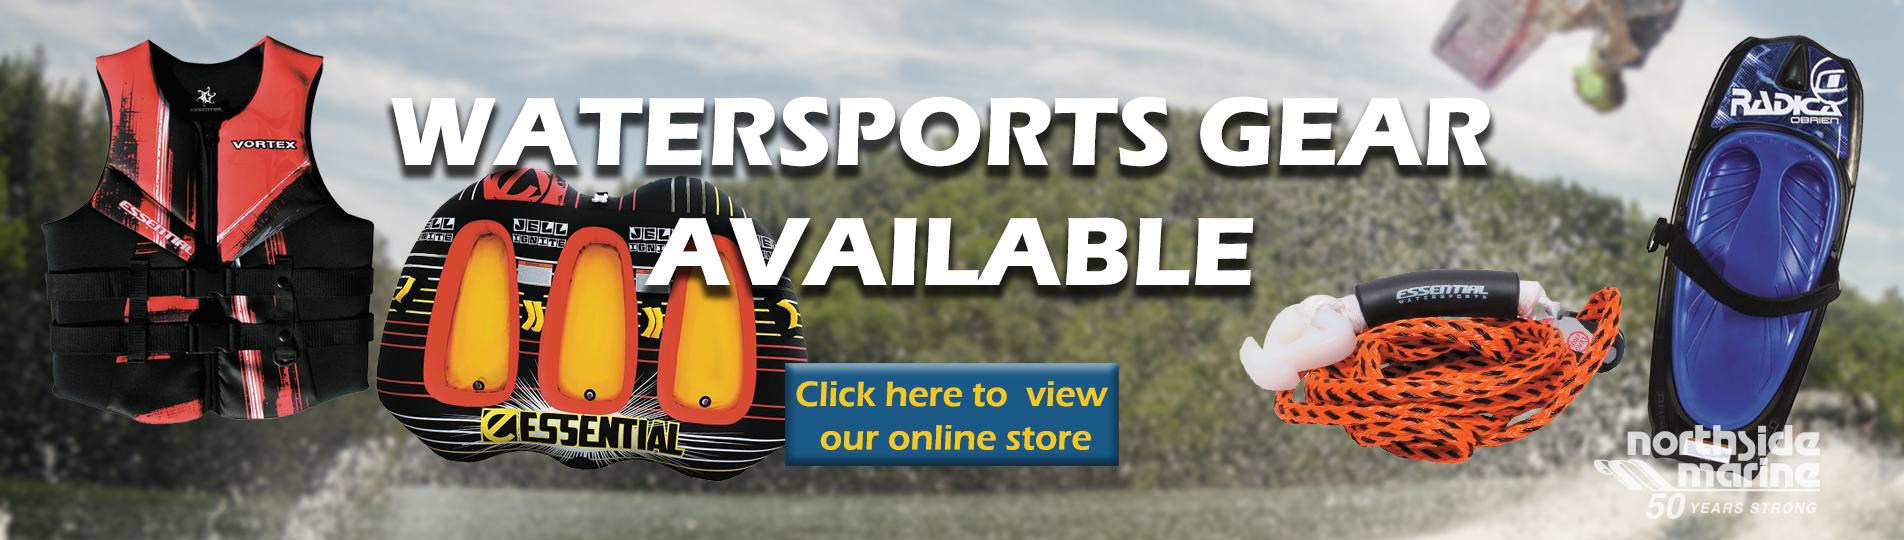 watersports-gear